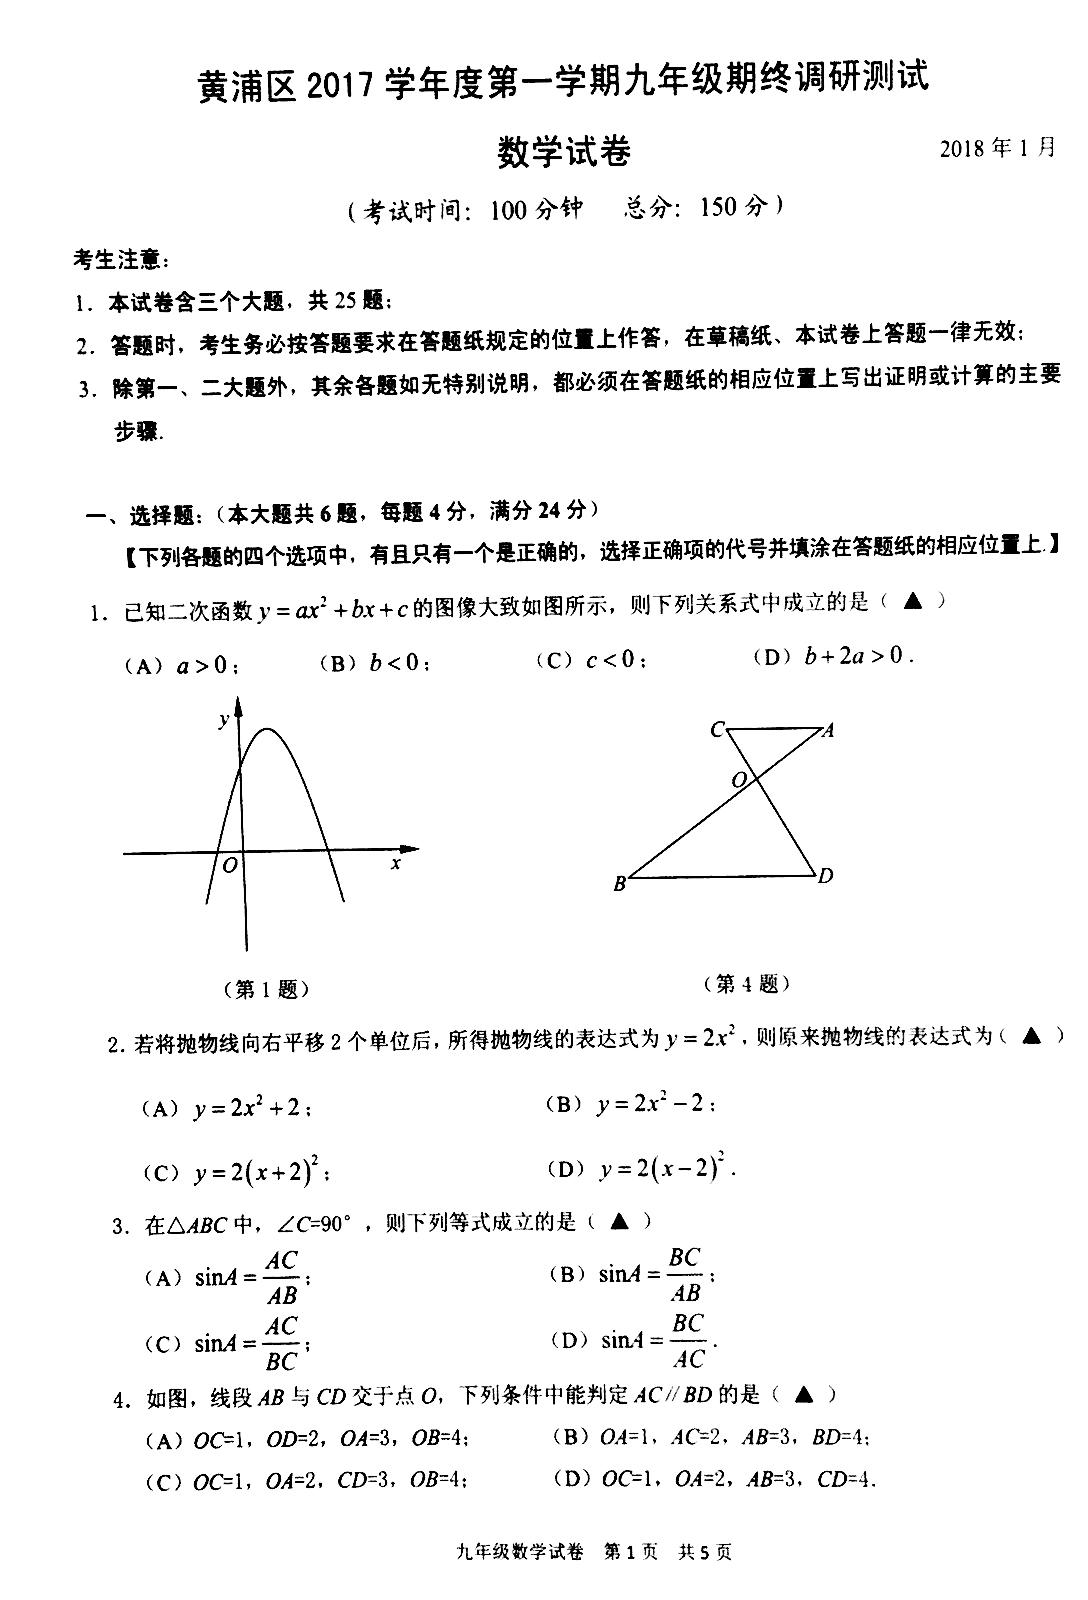 2018黄浦中考数学一模试题及答案(图片版)